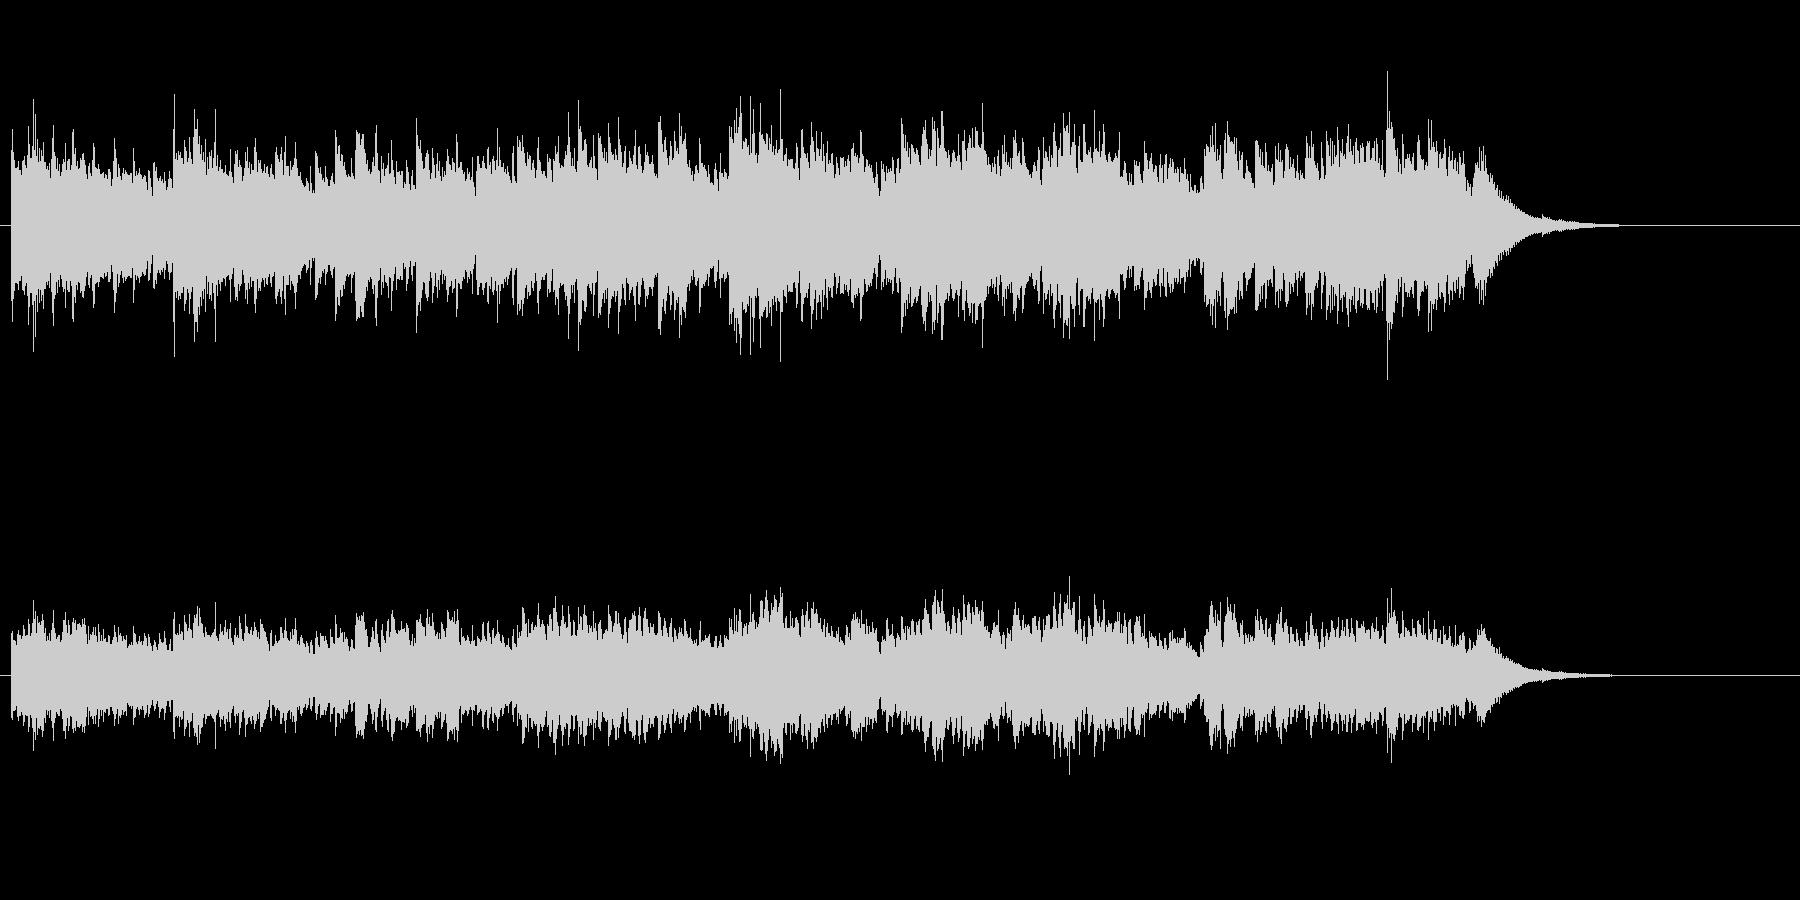 アコースティック・サウンドの未再生の波形